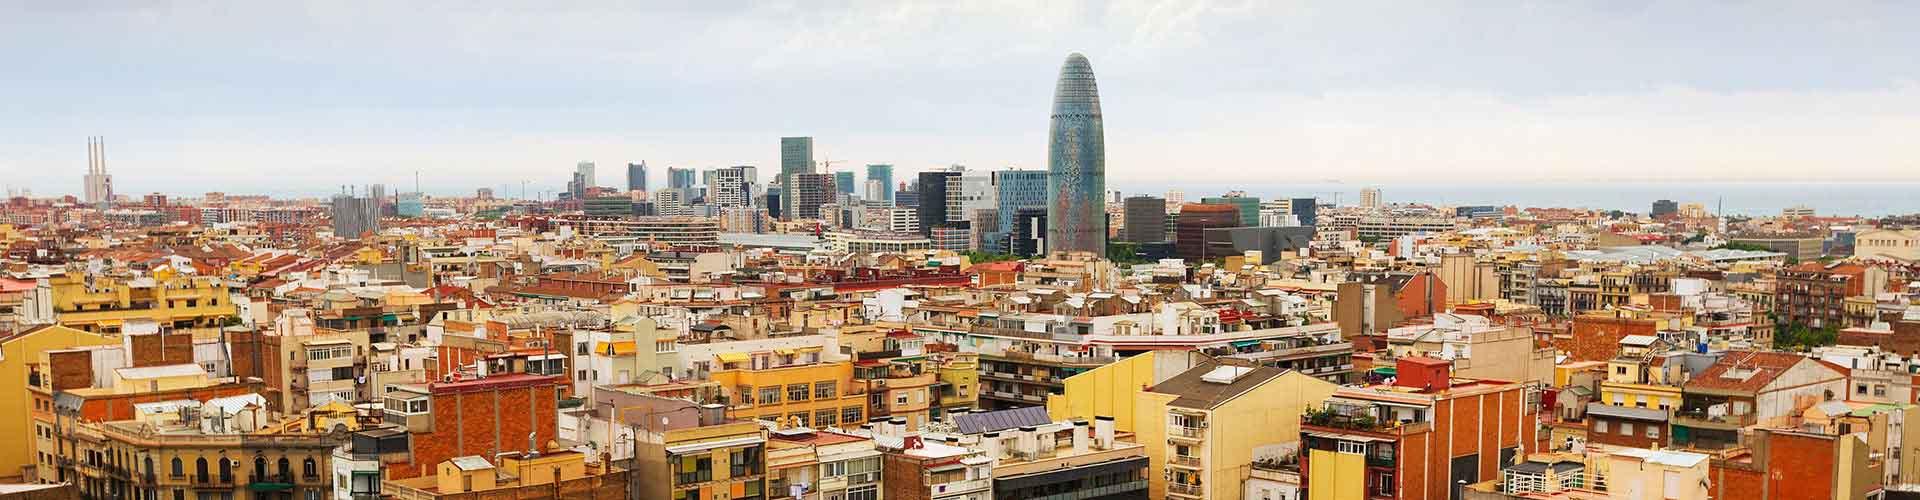 Barcelona – Hostellit kaupungiosassa Sagrada Família. Barcelona -karttoja, valokuvia ja arvosteluja kaikista Barcelona -hostelleista.